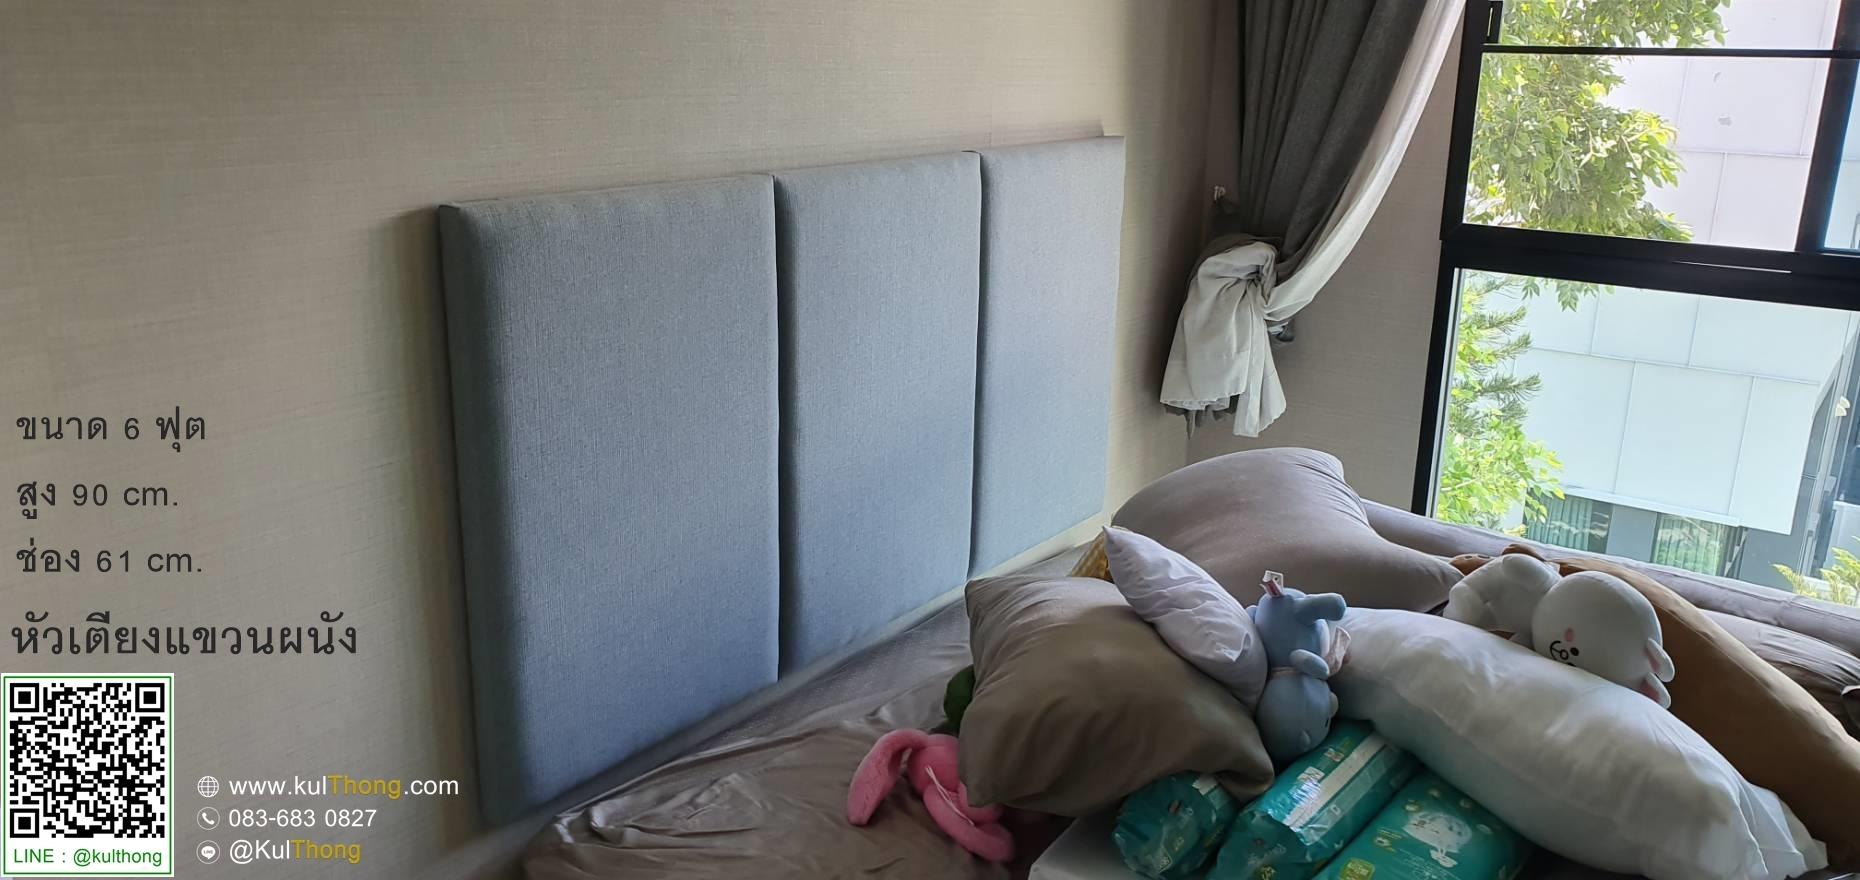 หัวเตียงแขวนผนัง หัวเตียงสำเร็จ หัวเตียงหุ้มผ้า